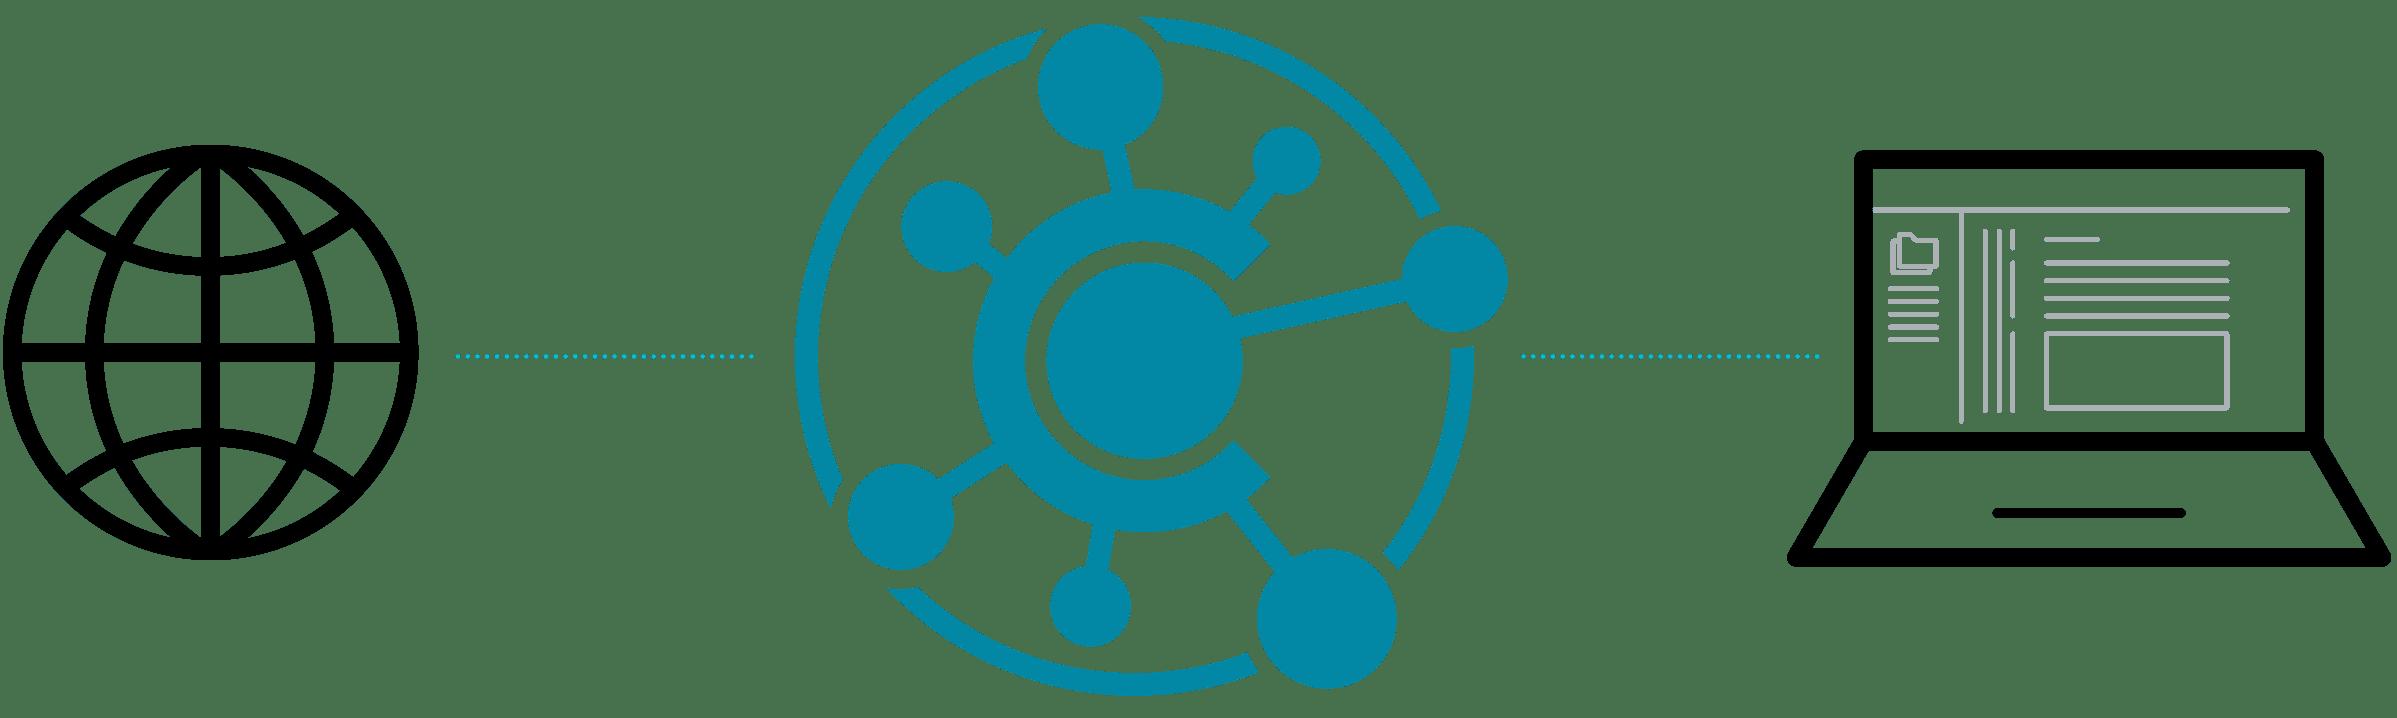 Flare Central Web Desktop Illustration